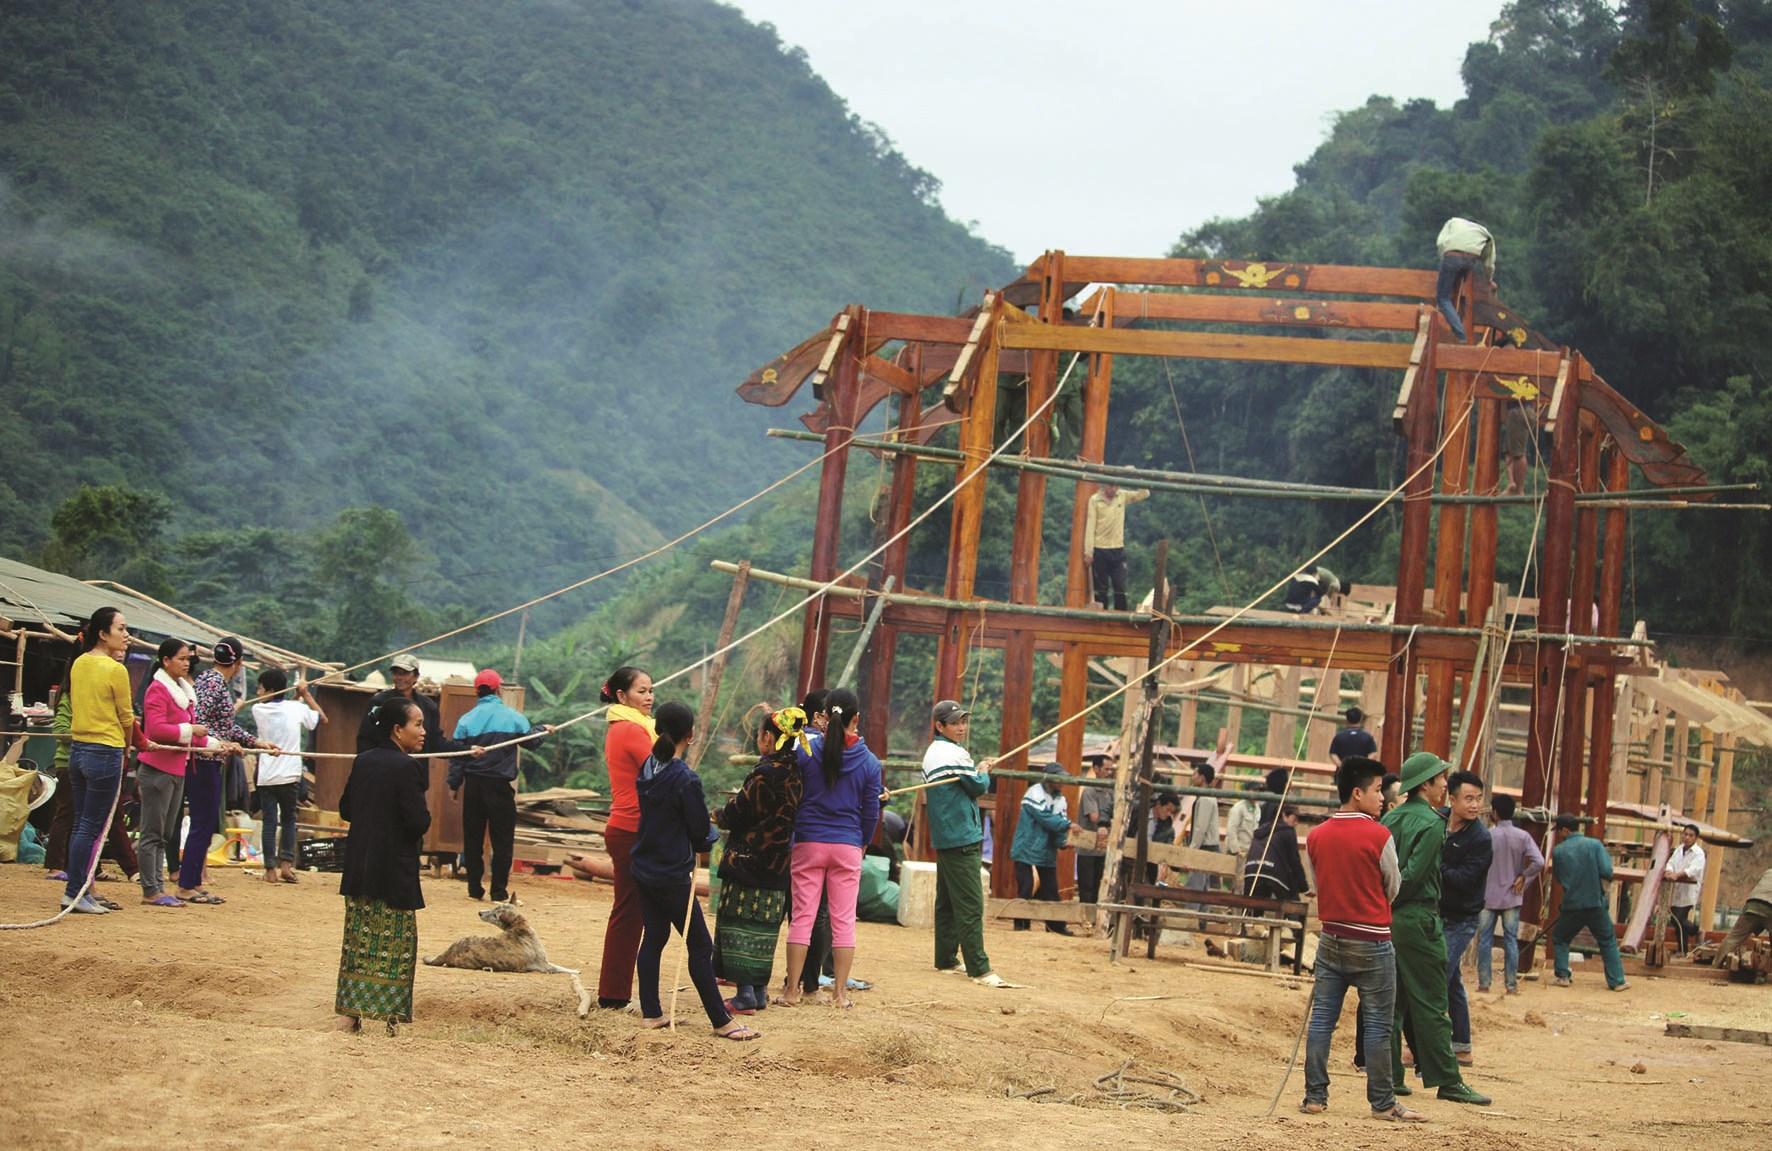 Bà con người Thái ở xã Mỹ Lỳ, Kỳ Sơn, Nghệ An dựng nhà sàn